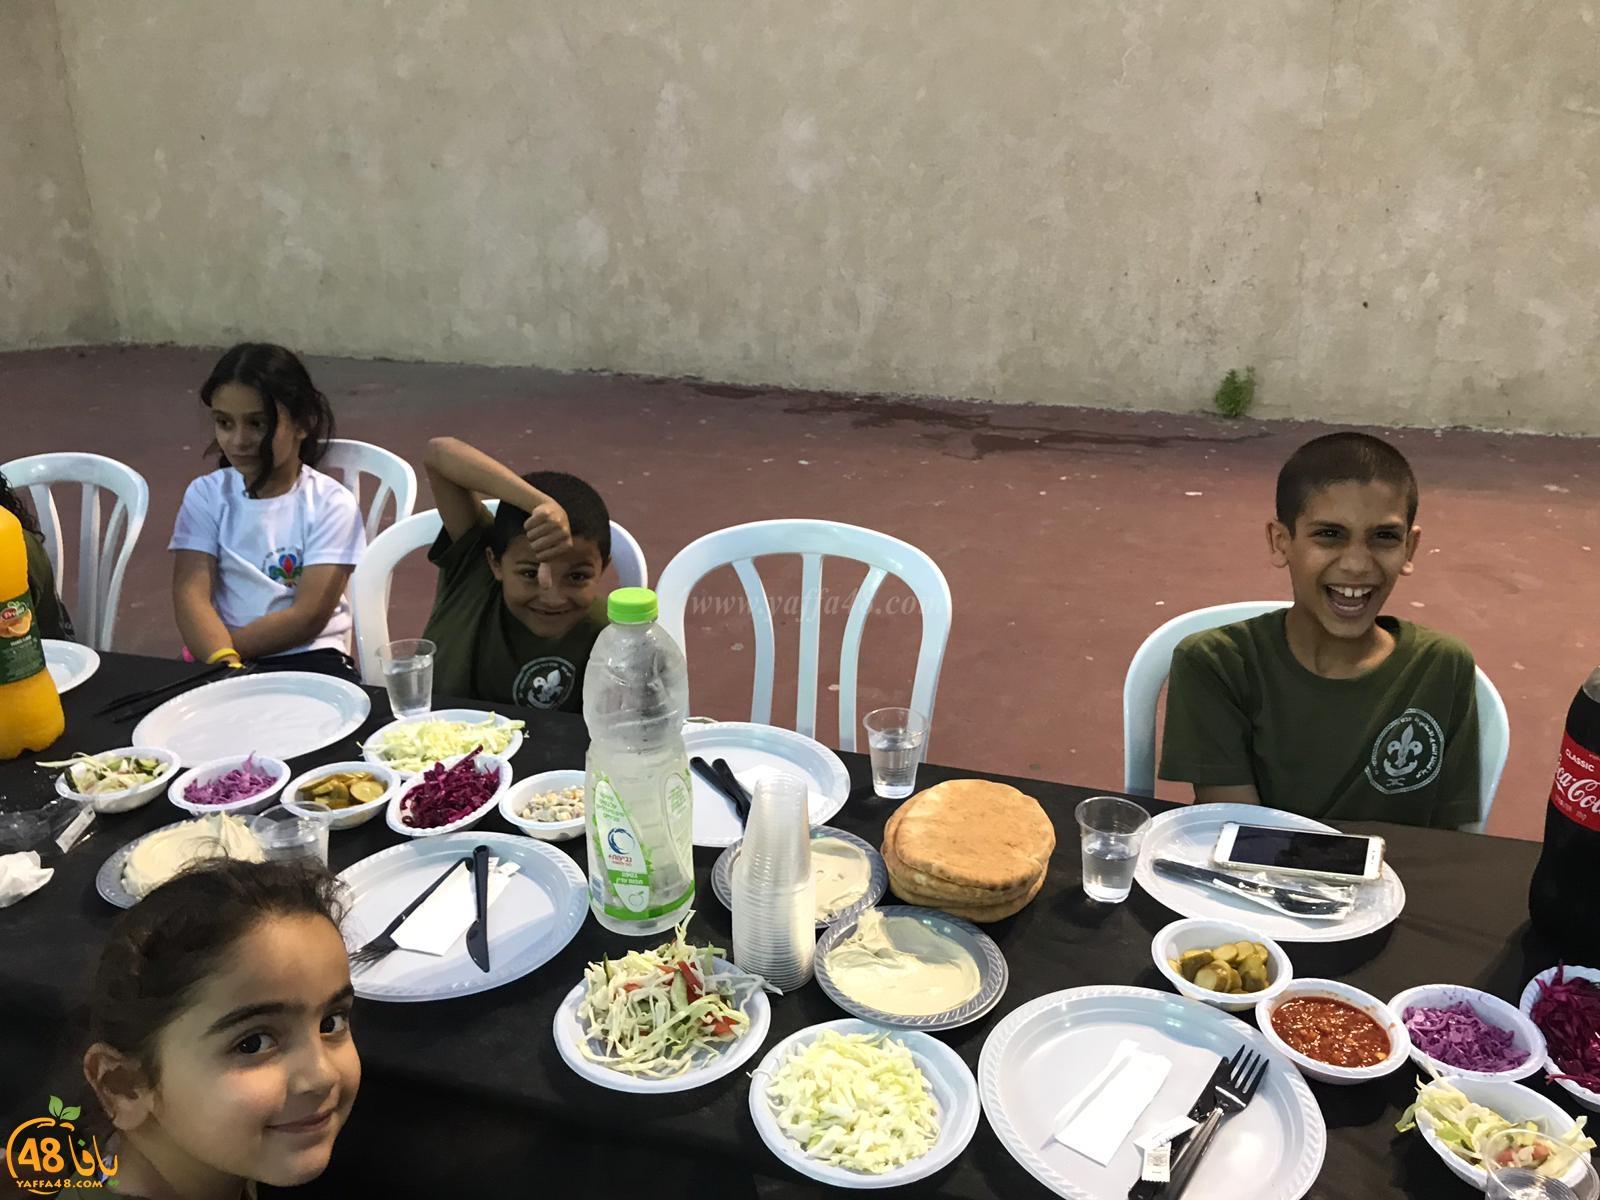 بالصور: سرية كشاف النادي الإسلامي تنظم إفطاراً جماعياً لأعضائها